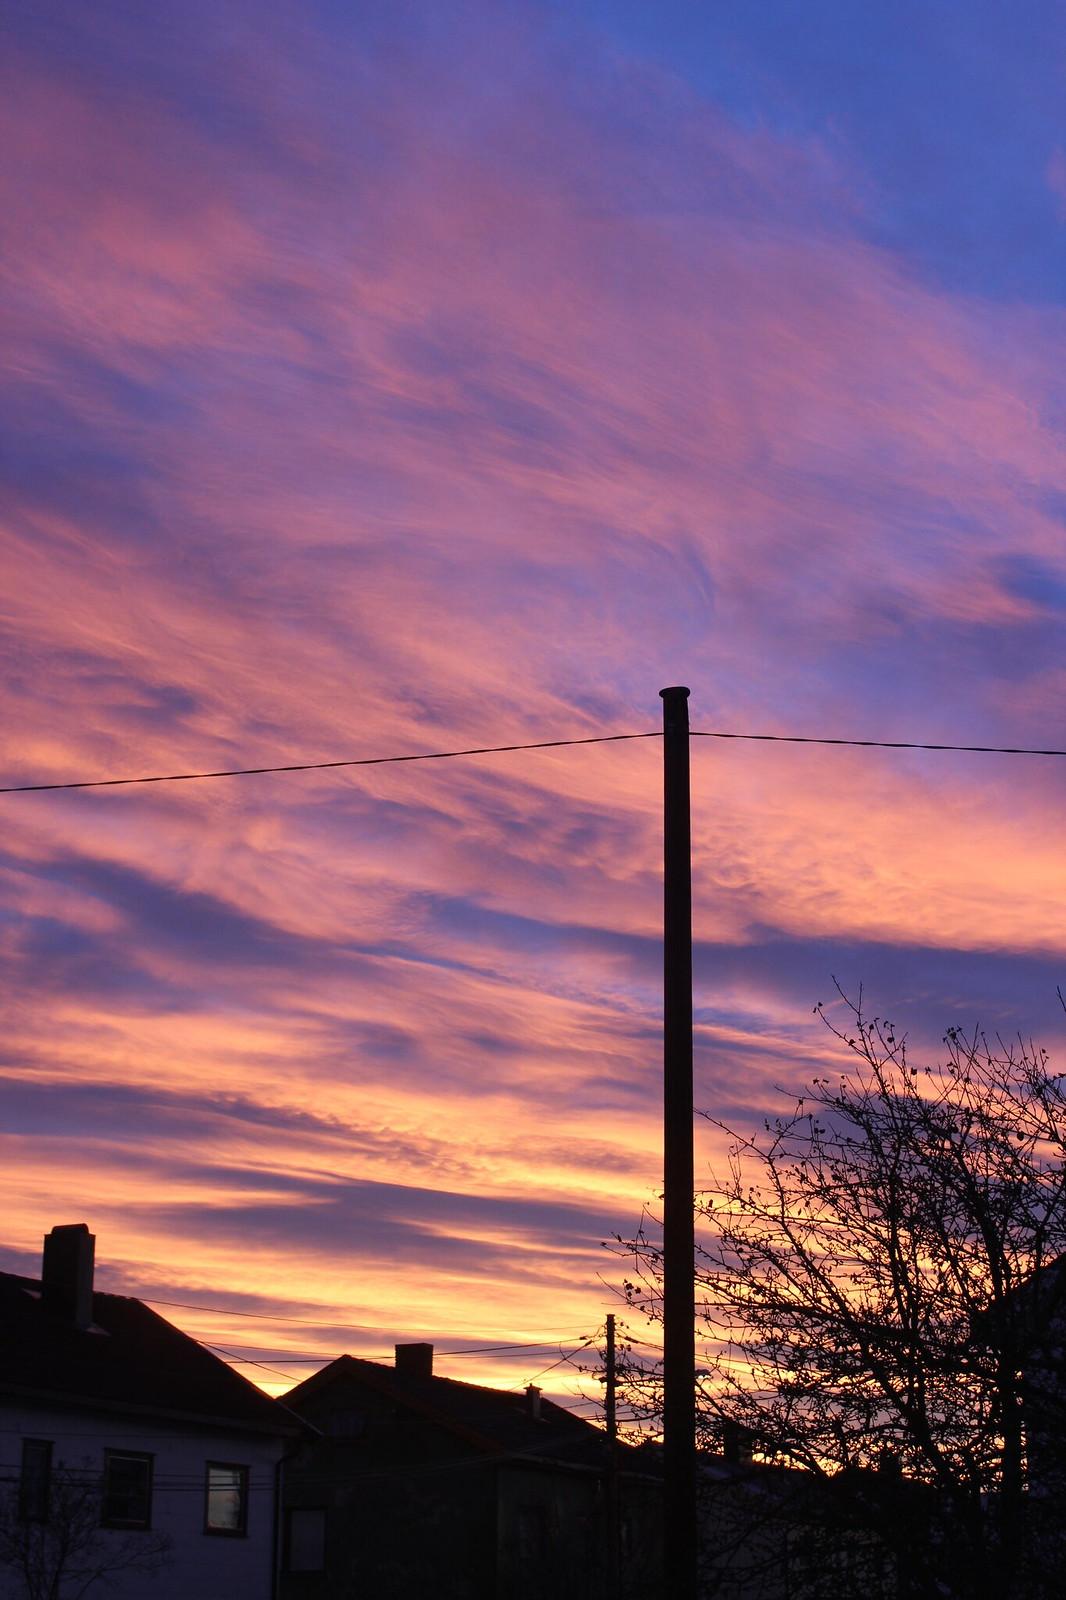 Pink sunset sky / etdrysskanel.com